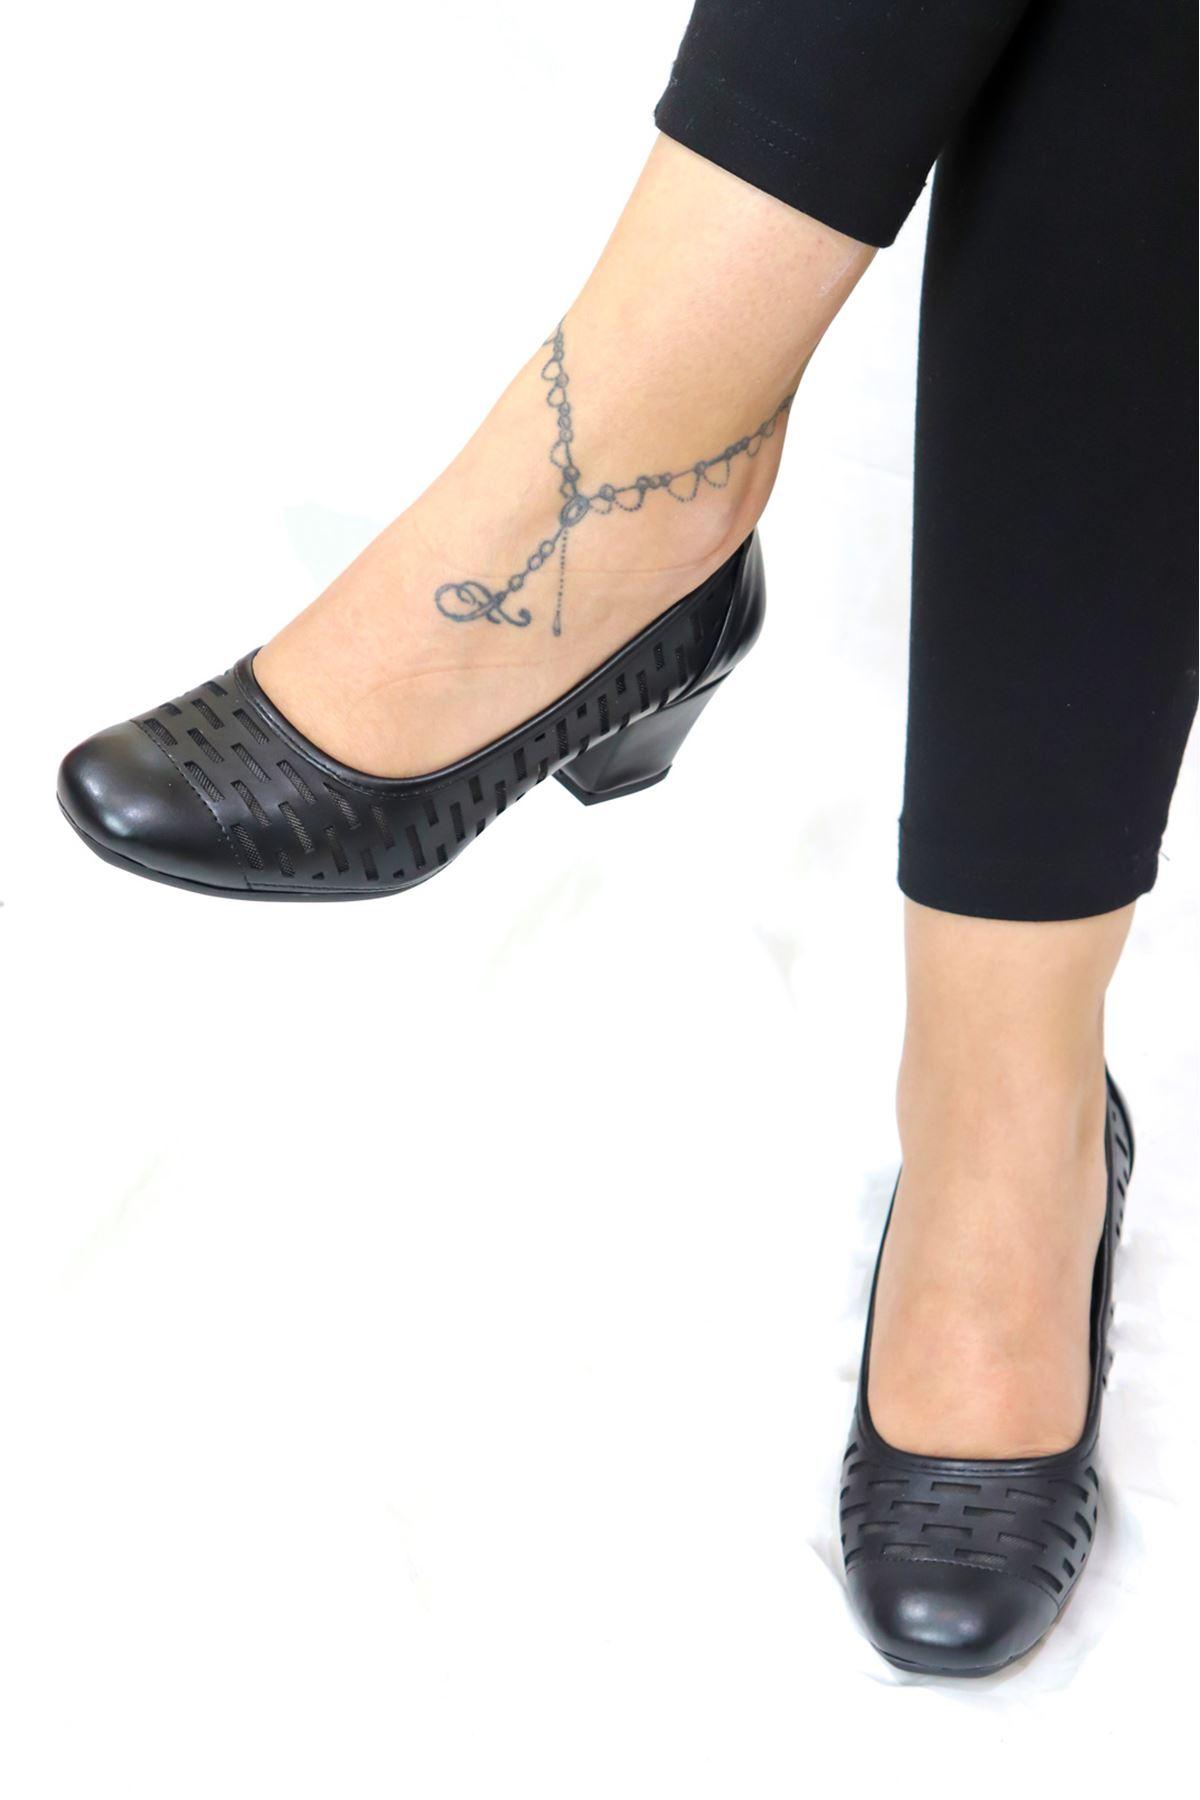 Trendayakkabı - Siyah Kadın Topuklu Ayakkabı